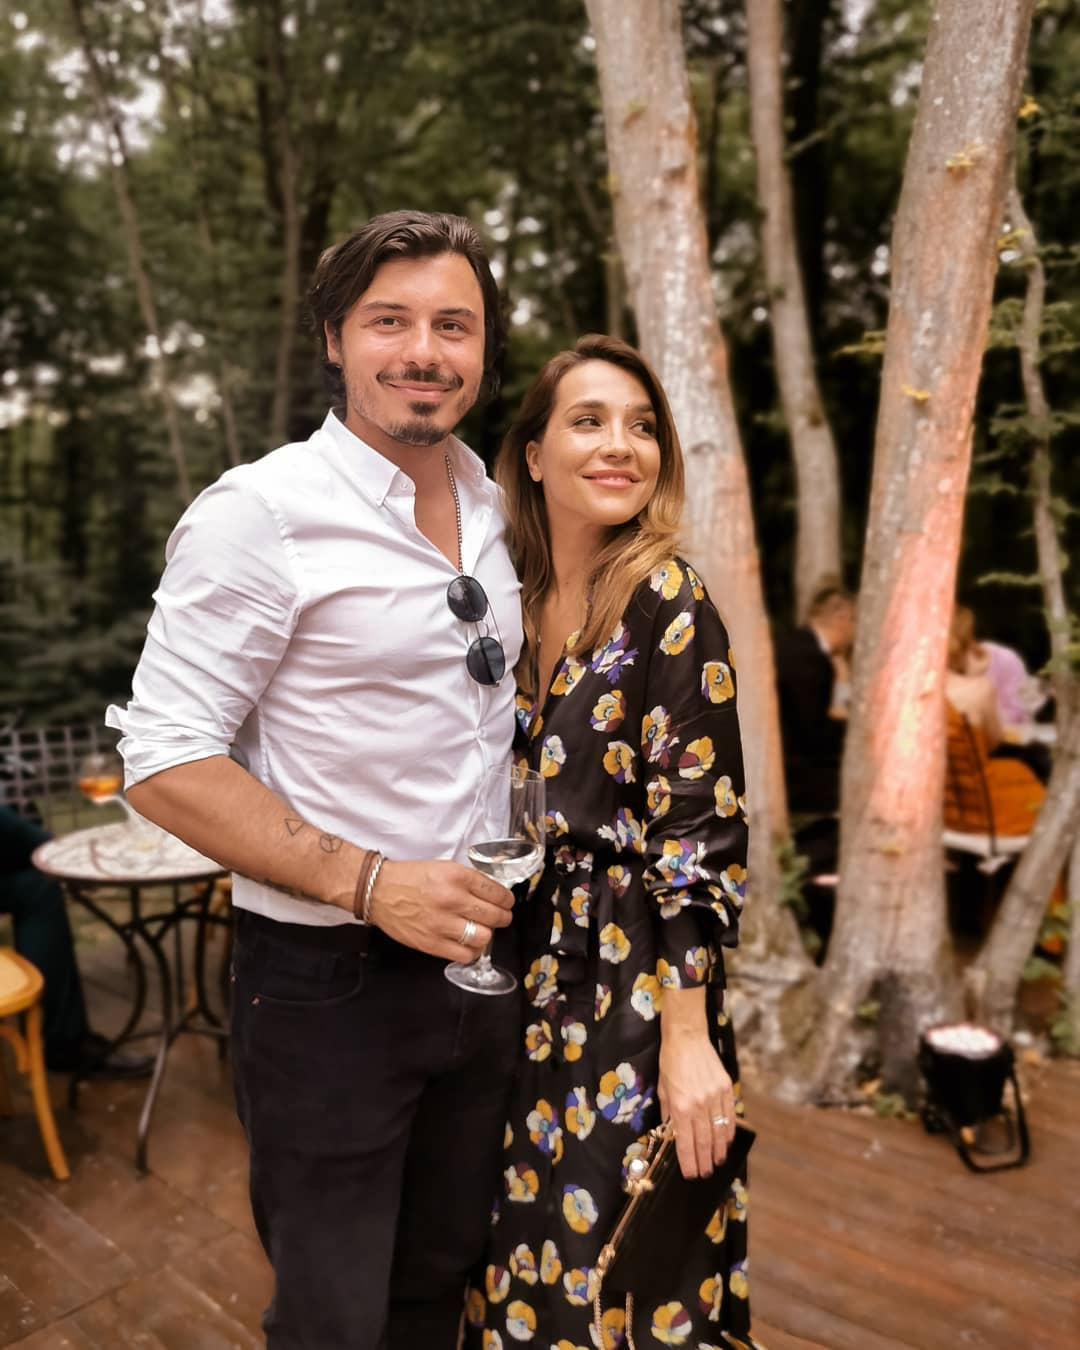 Marijana Batinić sa suprugom Matejem Pašalićem na svadbi kod prijatelja prošlog ljeta